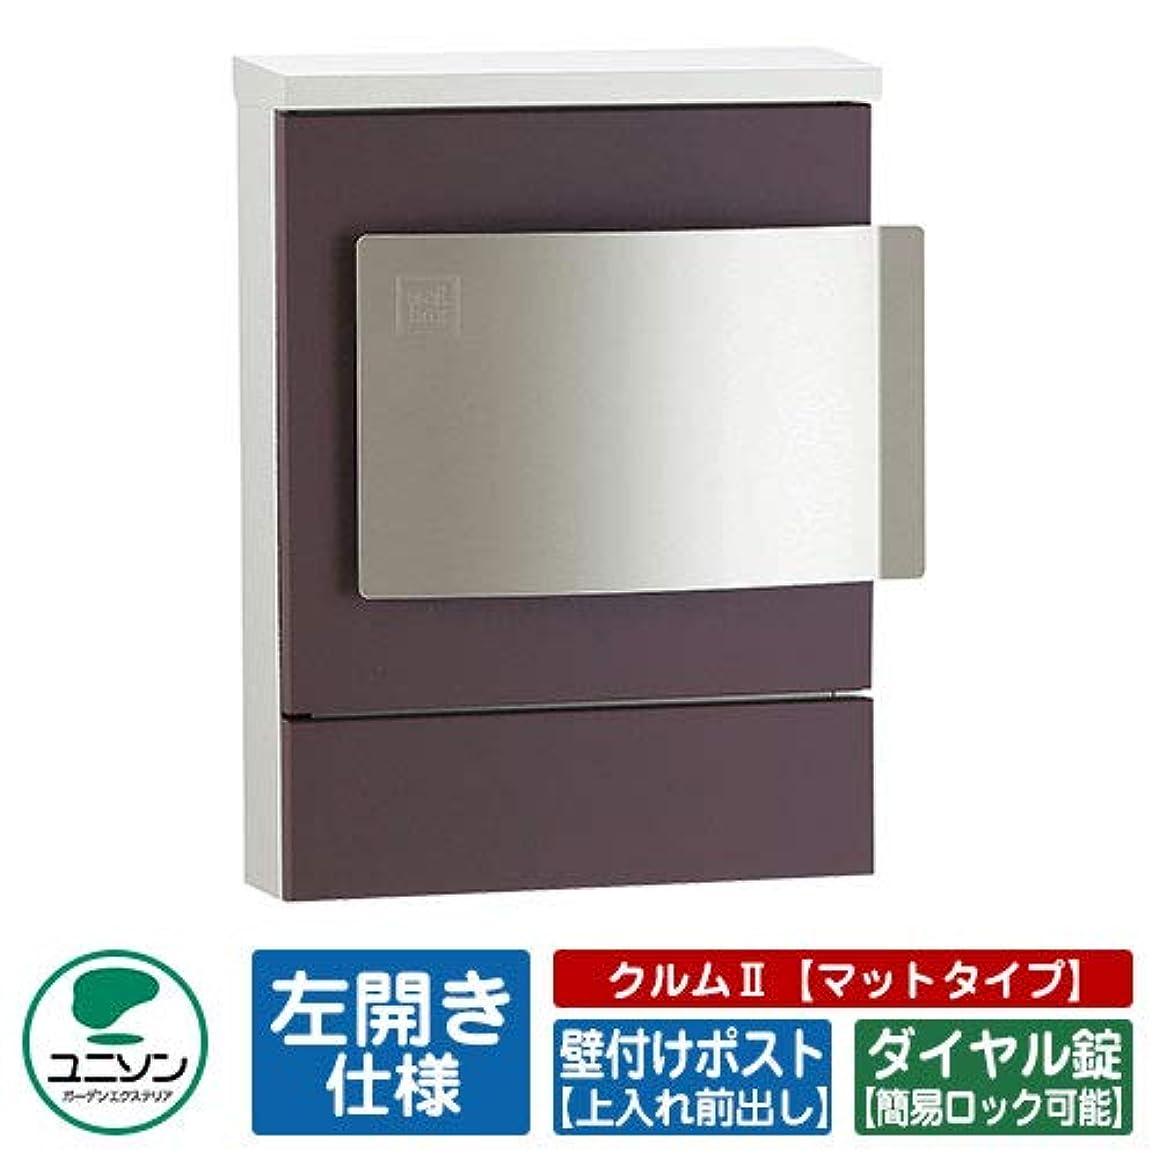 音アスペクト溶ける壁付けポスト クルムII(クルム2) マットブラウン(左開き ダイヤル錠仕様) 壁掛け